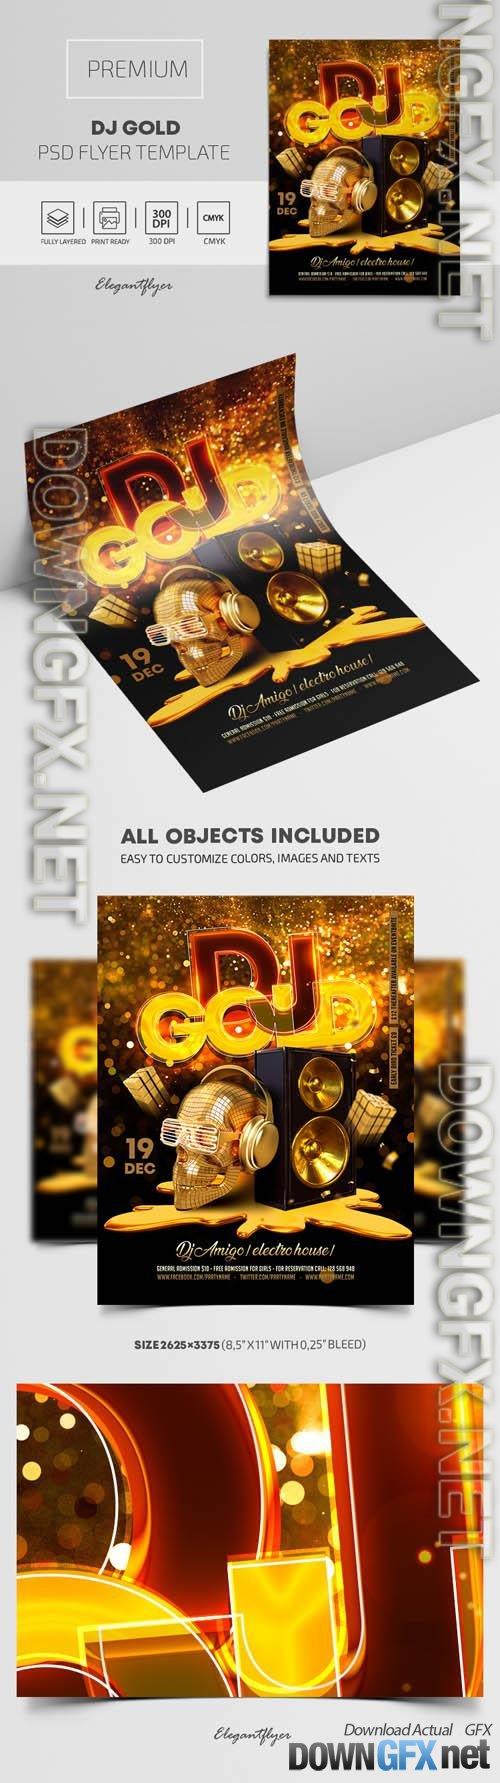 Dj Gold Premium PSD Flyer Template